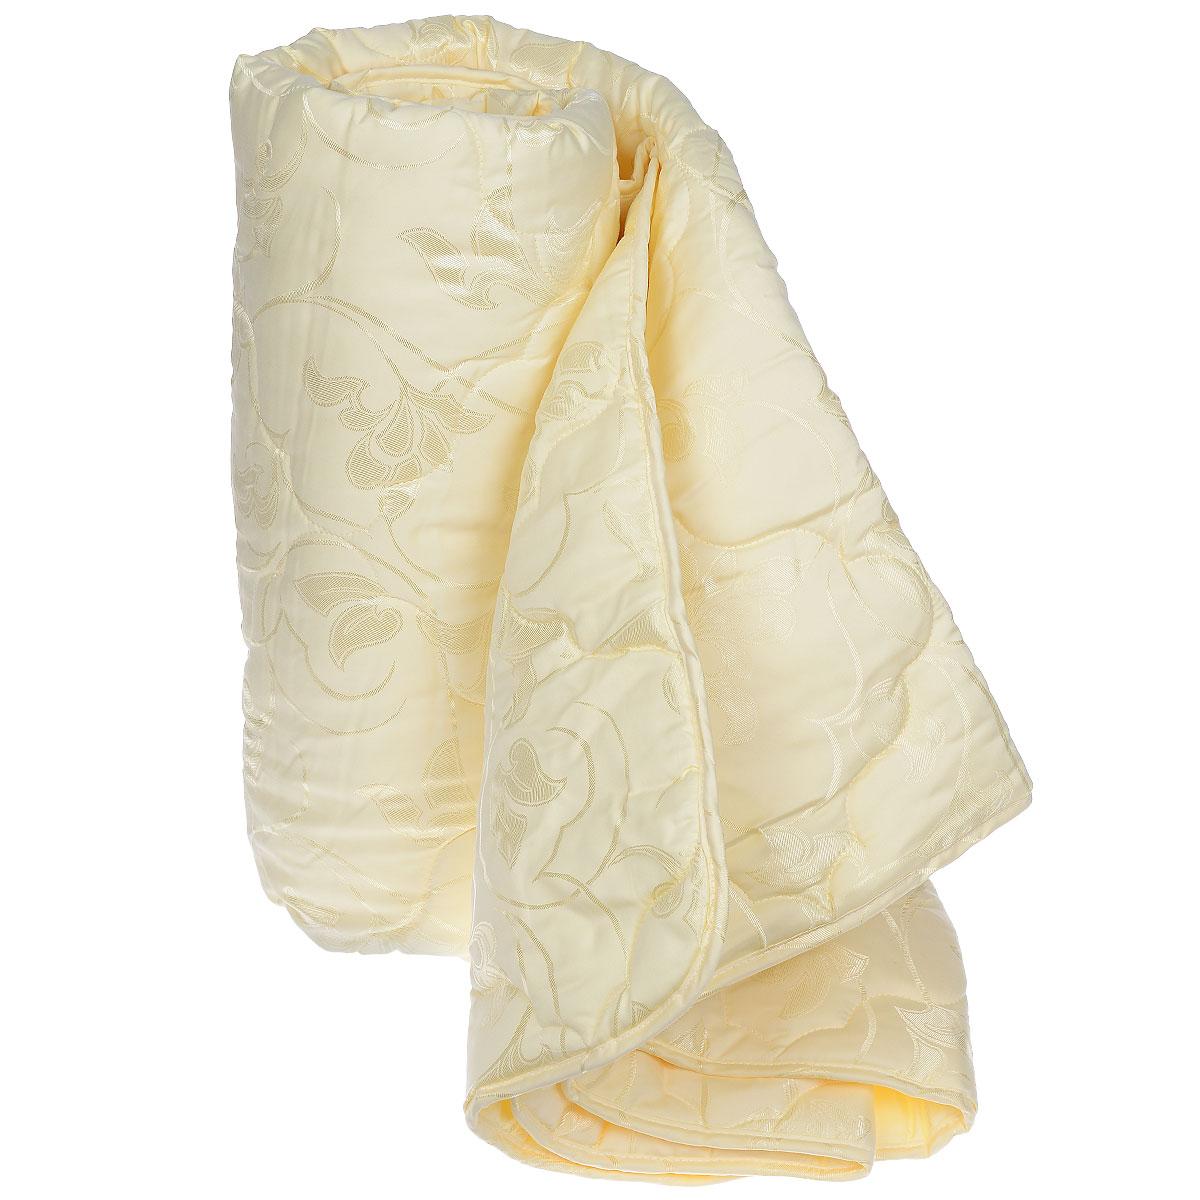 Одеяло Sova & Javoronok, наполнитель: шелковое волокно, цвет: бежевый, 140 х 205 см05030116080Чехол одеяла Sova & Javoronok выполнен из благородного сатина бежевого цвета. Наполнитель - натуральное шелковое волокно. Особенности наполнителя: - обладает высокими сорбционными свойствами, создавая эффект сухого тепла; - регулирует температурный режим; - не вызывает аллергических реакций. Шелк всегда считался одним из самых элитных и роскошных материалов. Очень нежный, легкий, шелк отлично приспосабливается к температуре тела и окружающей среды. Летом с подушкой из шелка вы чувствуете прохладу, зимой - приятное тепло. В натуральном шелке не заводится и не живет пылевой клещ, также шелк обладает бактериостатическими свойствами (в нем не размножаются патогенные бактерии), в нем не живут и не размножаются грибки и сапрофиты. Натуральный шелк гипоаллергенен и рекомендован людям с аллергическими реакциями. При впитывании шелком влаги до 30% от собственного веса он остается сухим на ощупь. Натуральный шелк не электризуется. Одеяло...